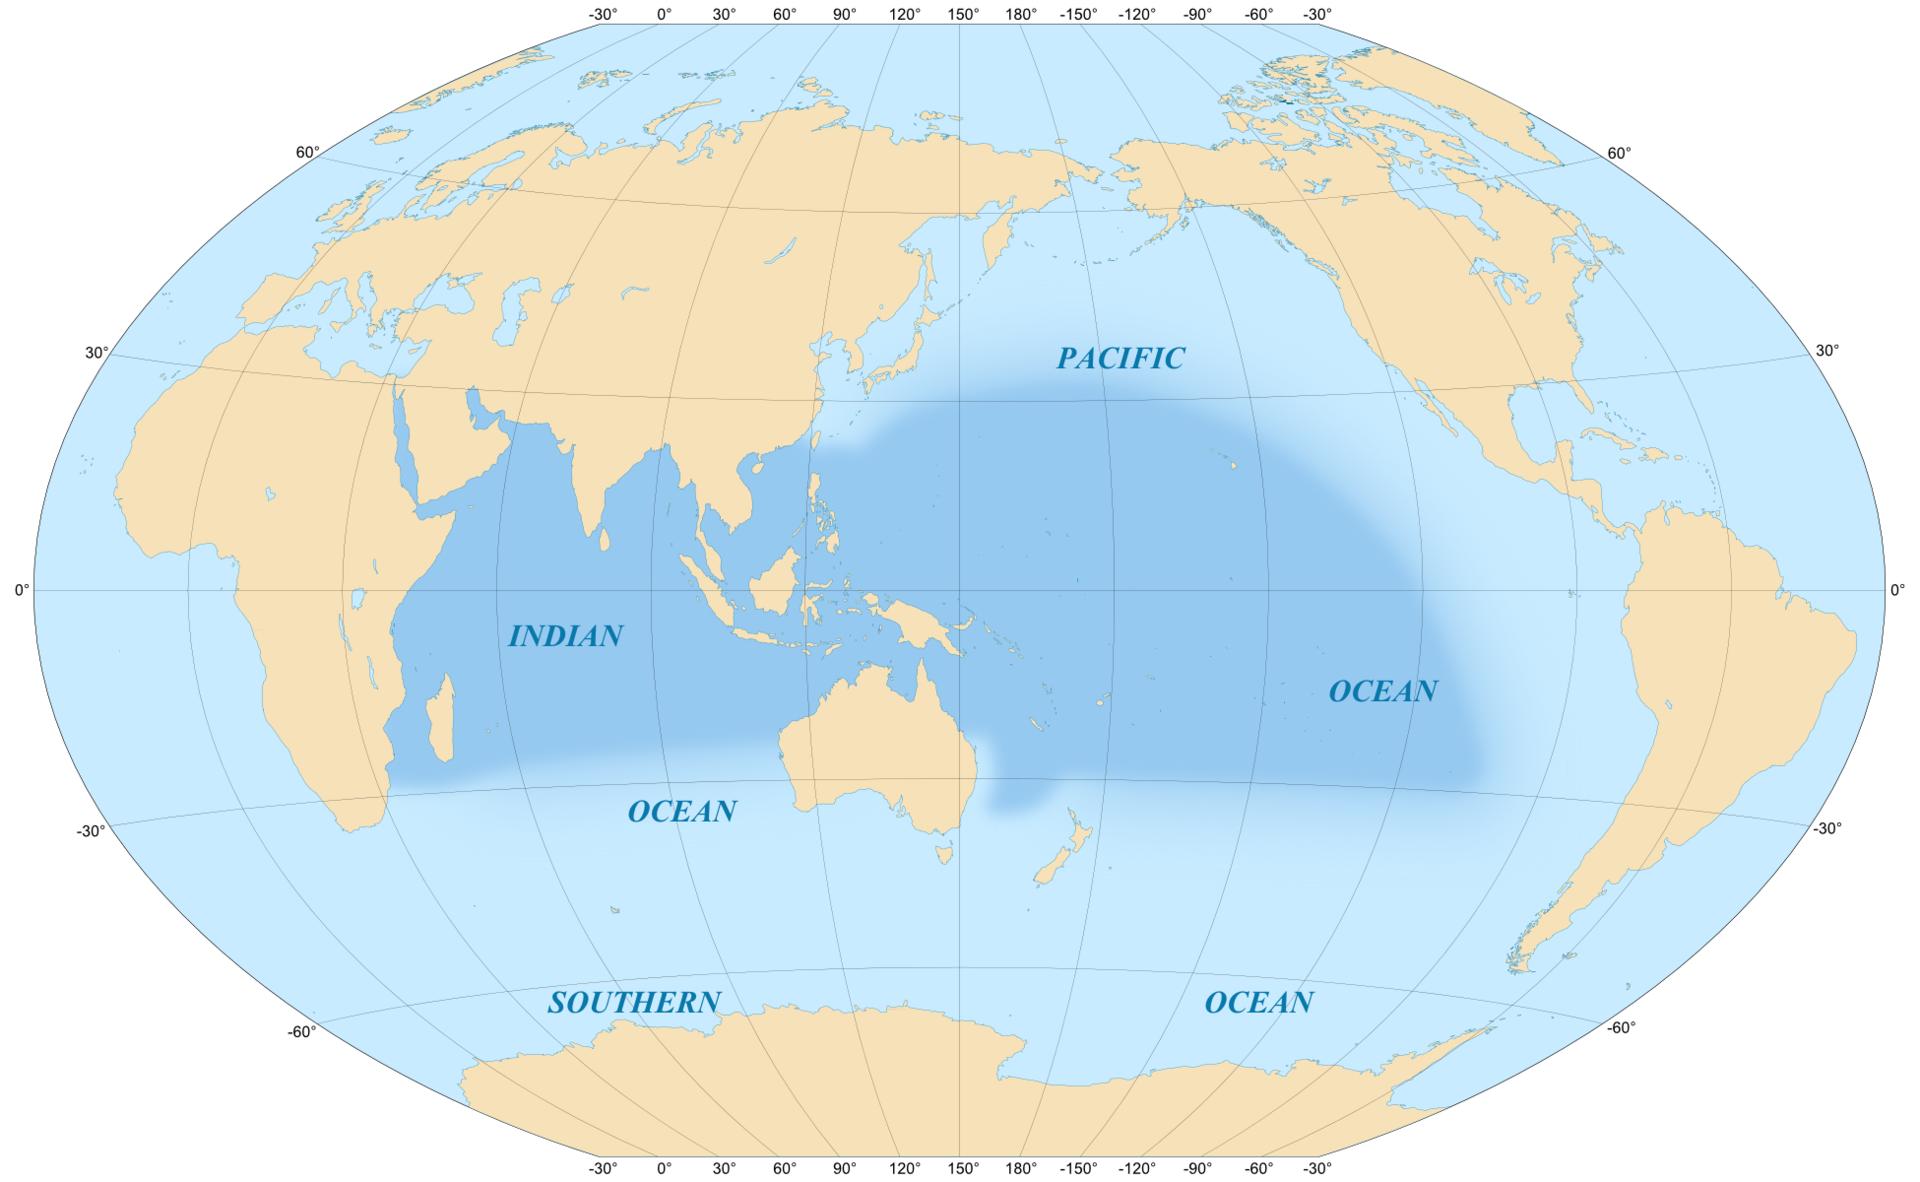 Vùng biển Ấn Độ - Thái Bình Dương (phần màu đậm trong bản đồ), địa bàn chiến lược mới trong chính sách an ninh của Hoa Kỳ và nhiều quốc gia đồng minh.